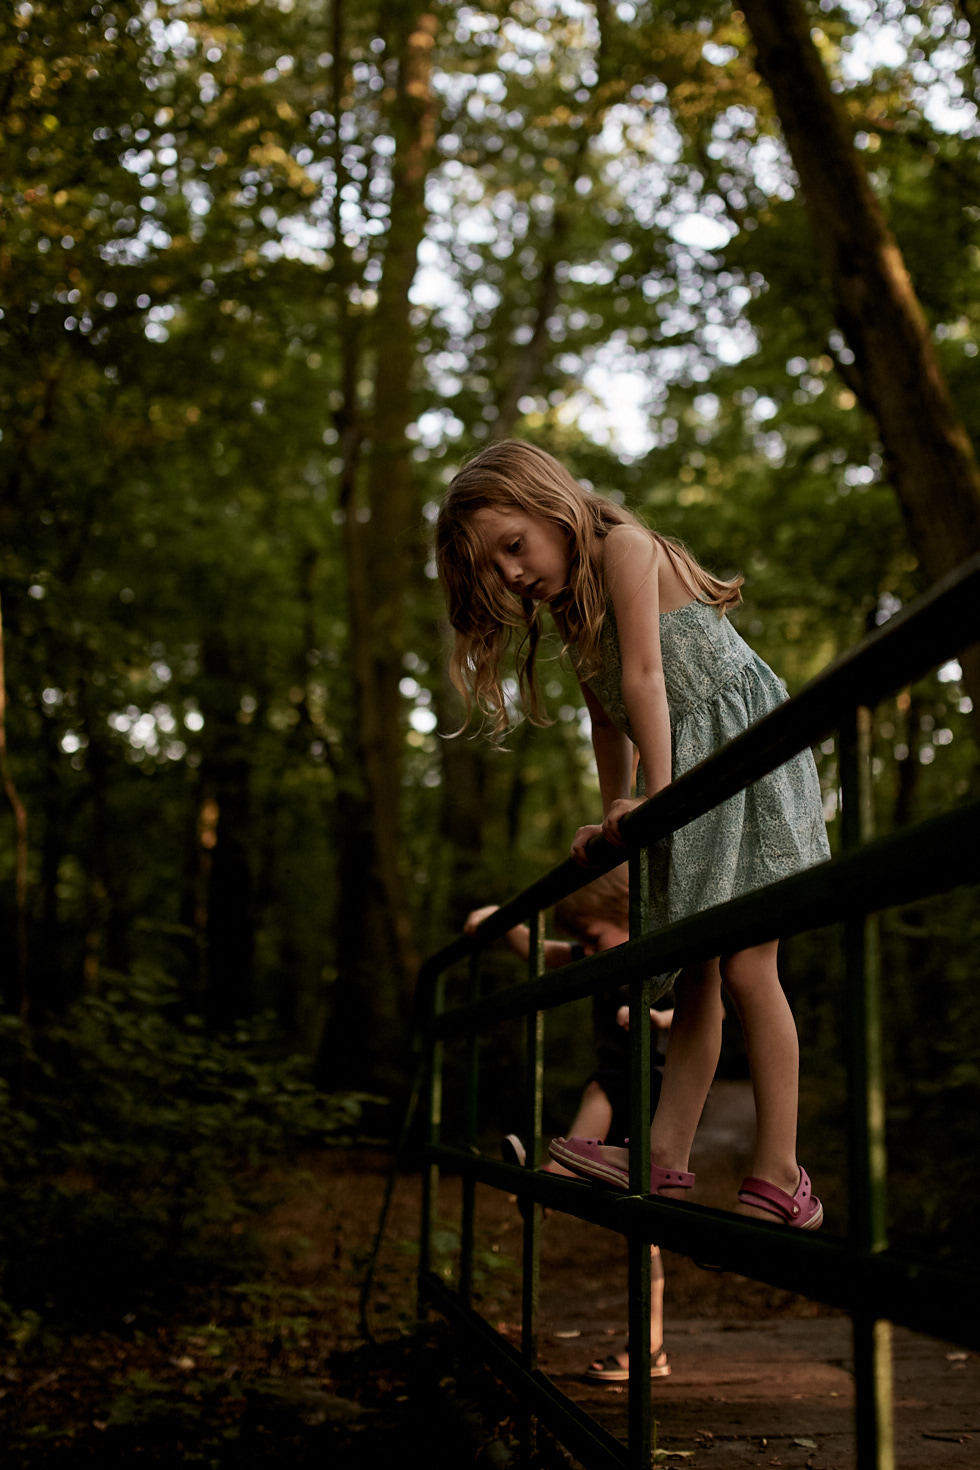 dzikie dzieci fotograf warszawa